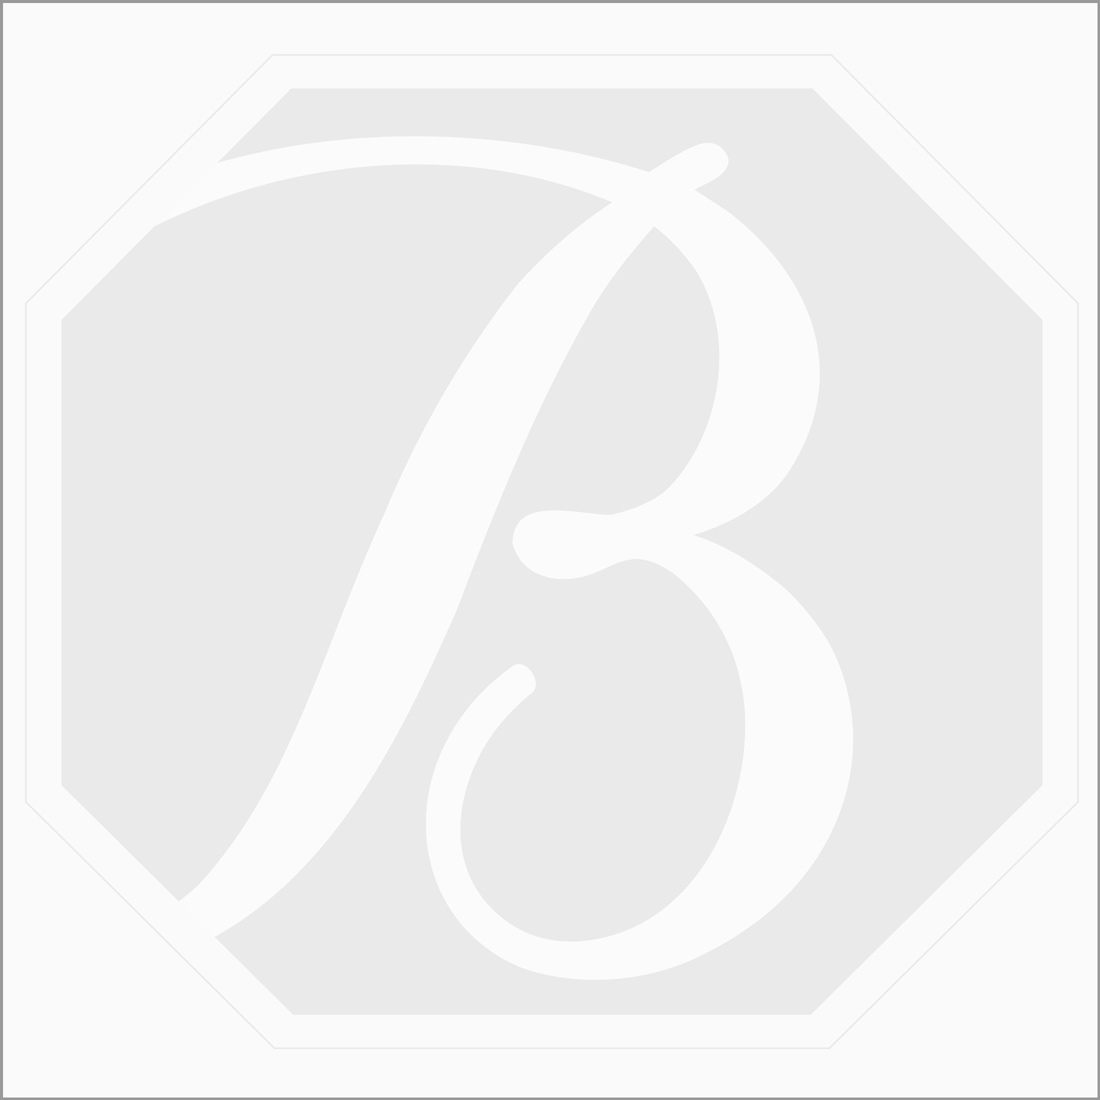 2 pcs - Dark Green Tourmaline Rose Cuts - 9.62 ct. - 14 x 12.5 x 3.5 mm & 14.7 x 12.7 x 3.7 mm (TRC1046)